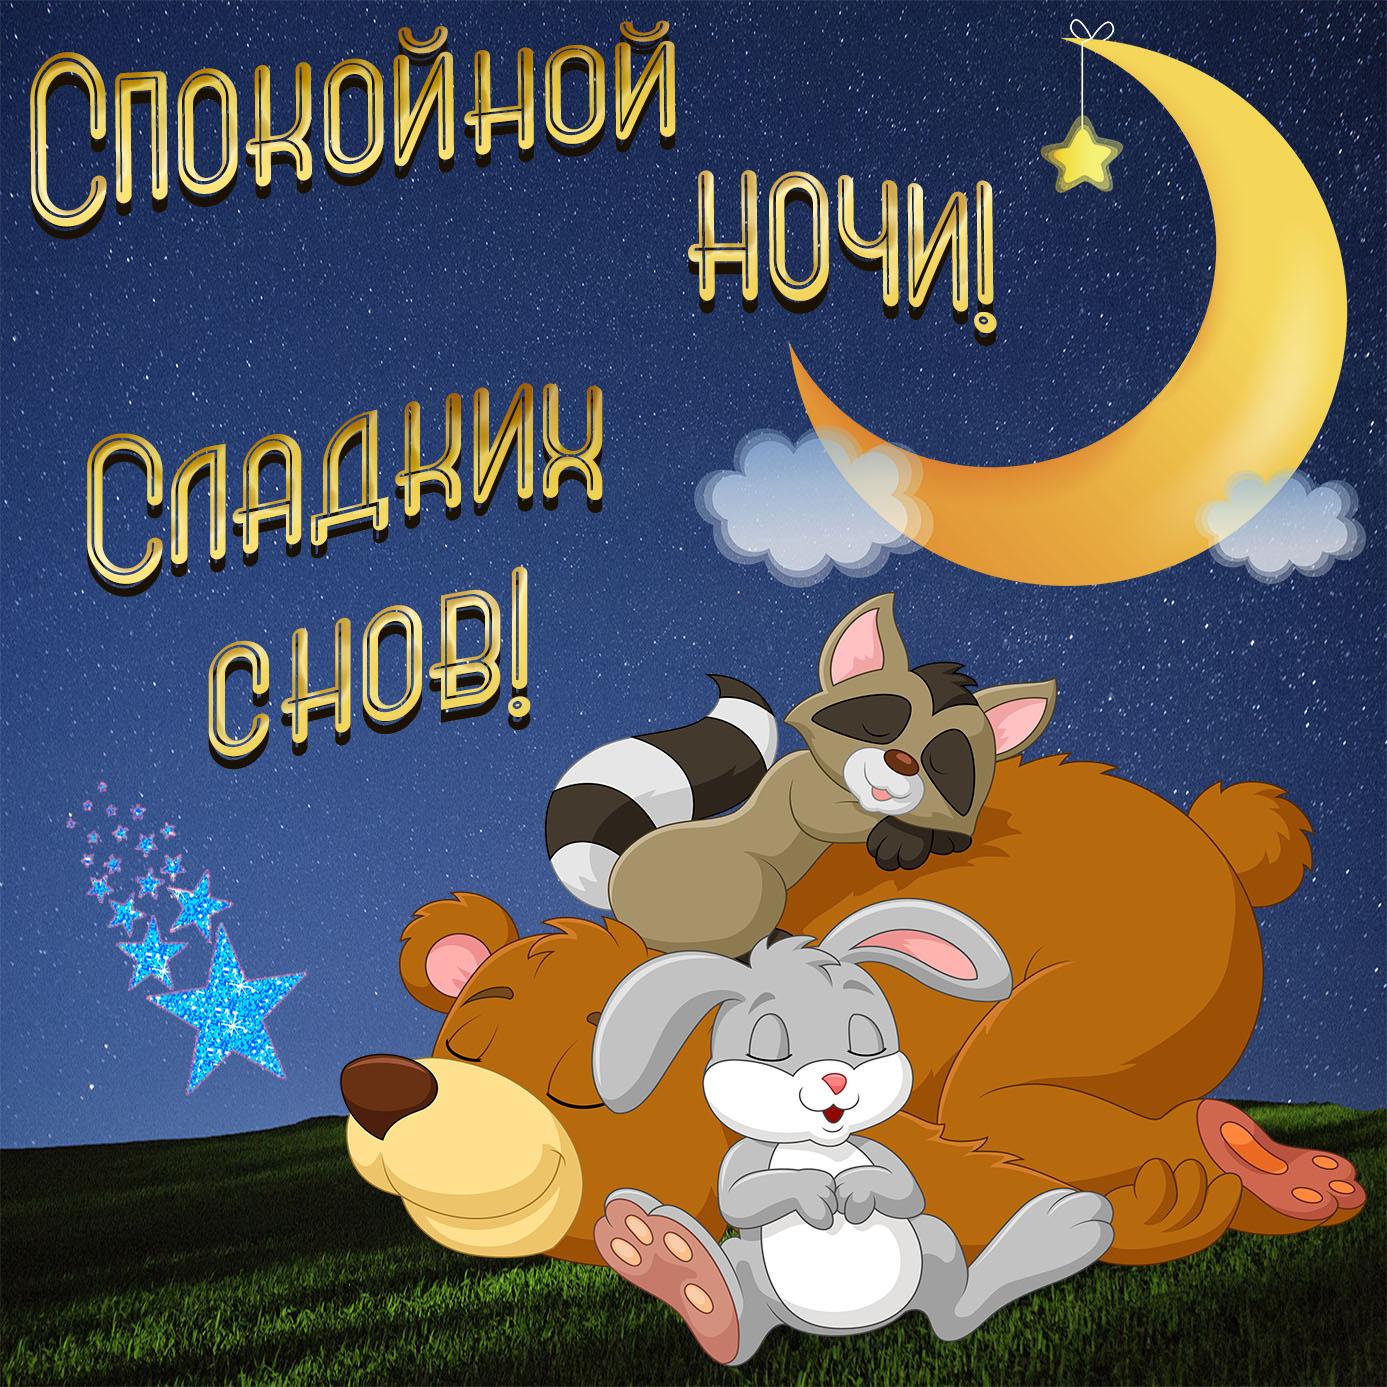 Картинка с животными, спящими под луной